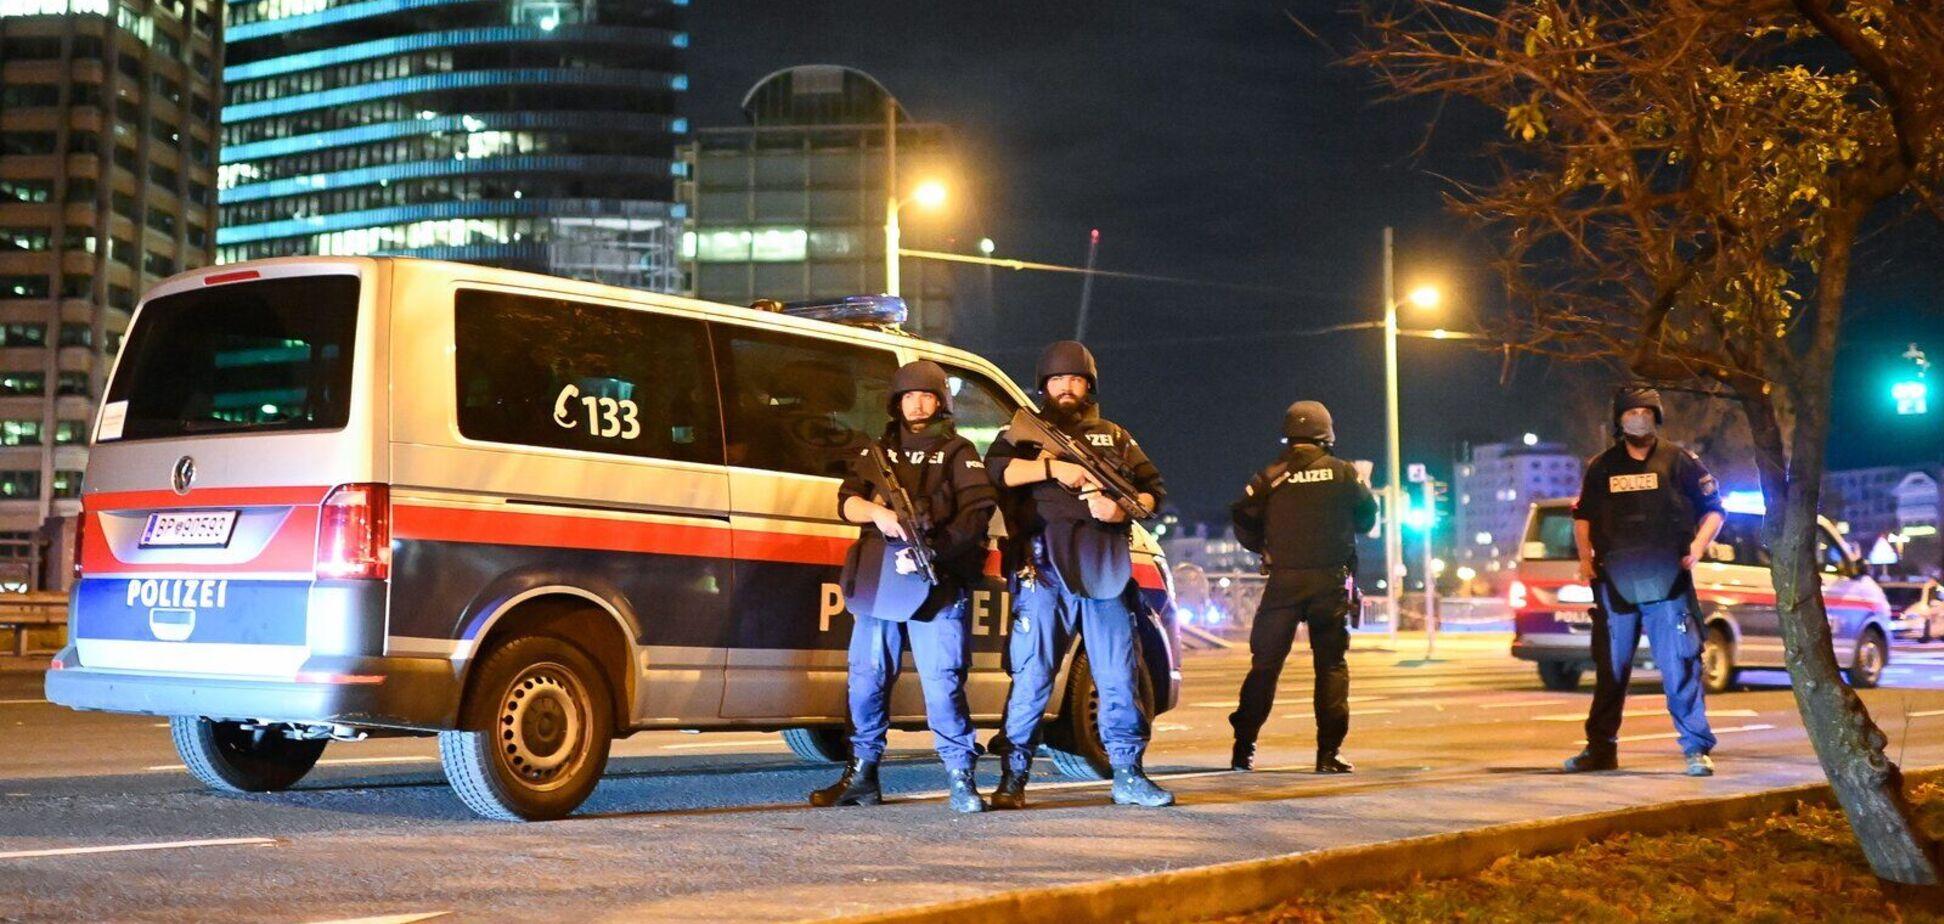 Стрельбу в Вене официально назвали терактом